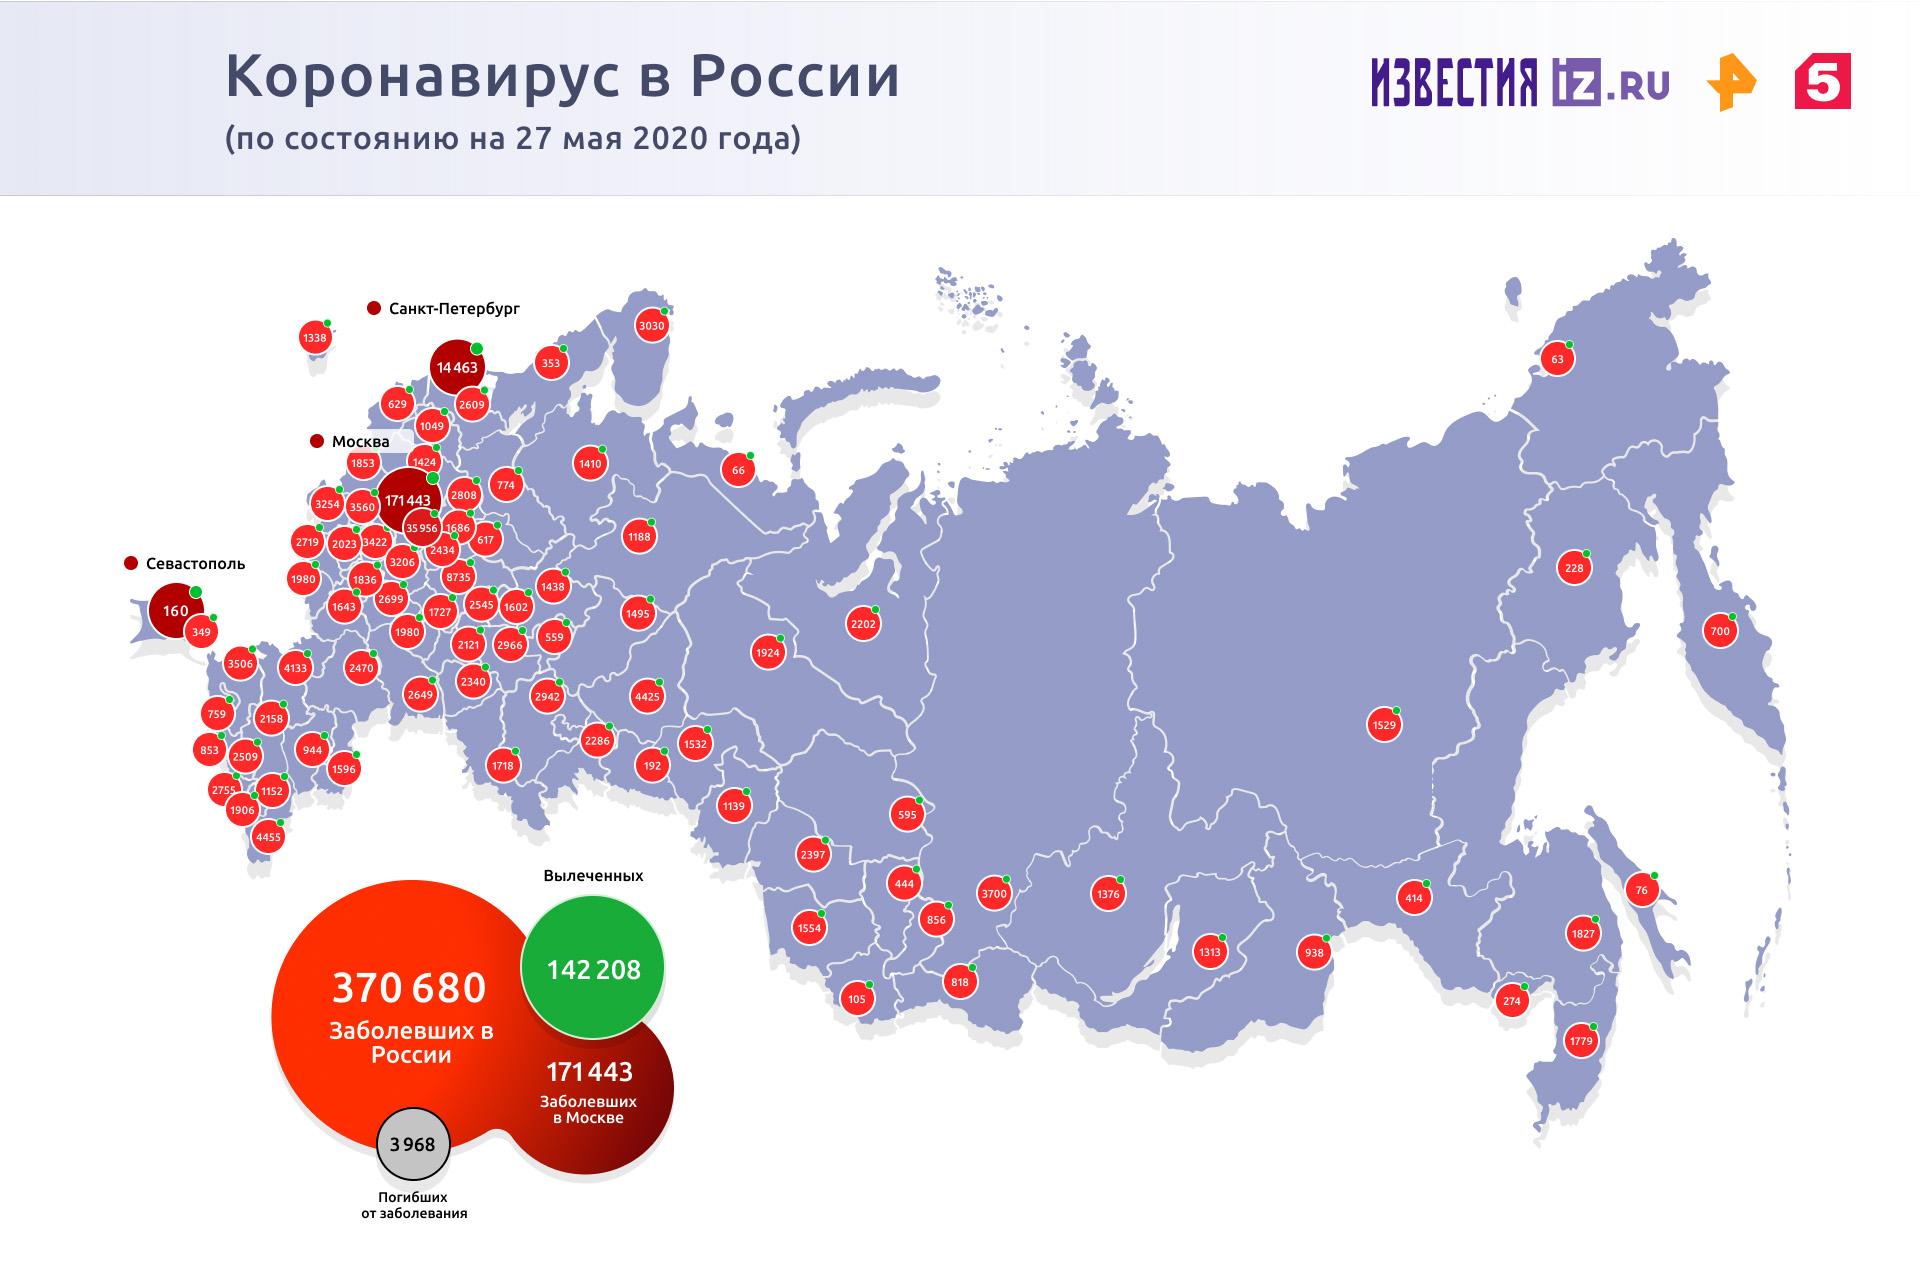 Коронавирус выявлен у главы Республики Удмуртия Бречалова